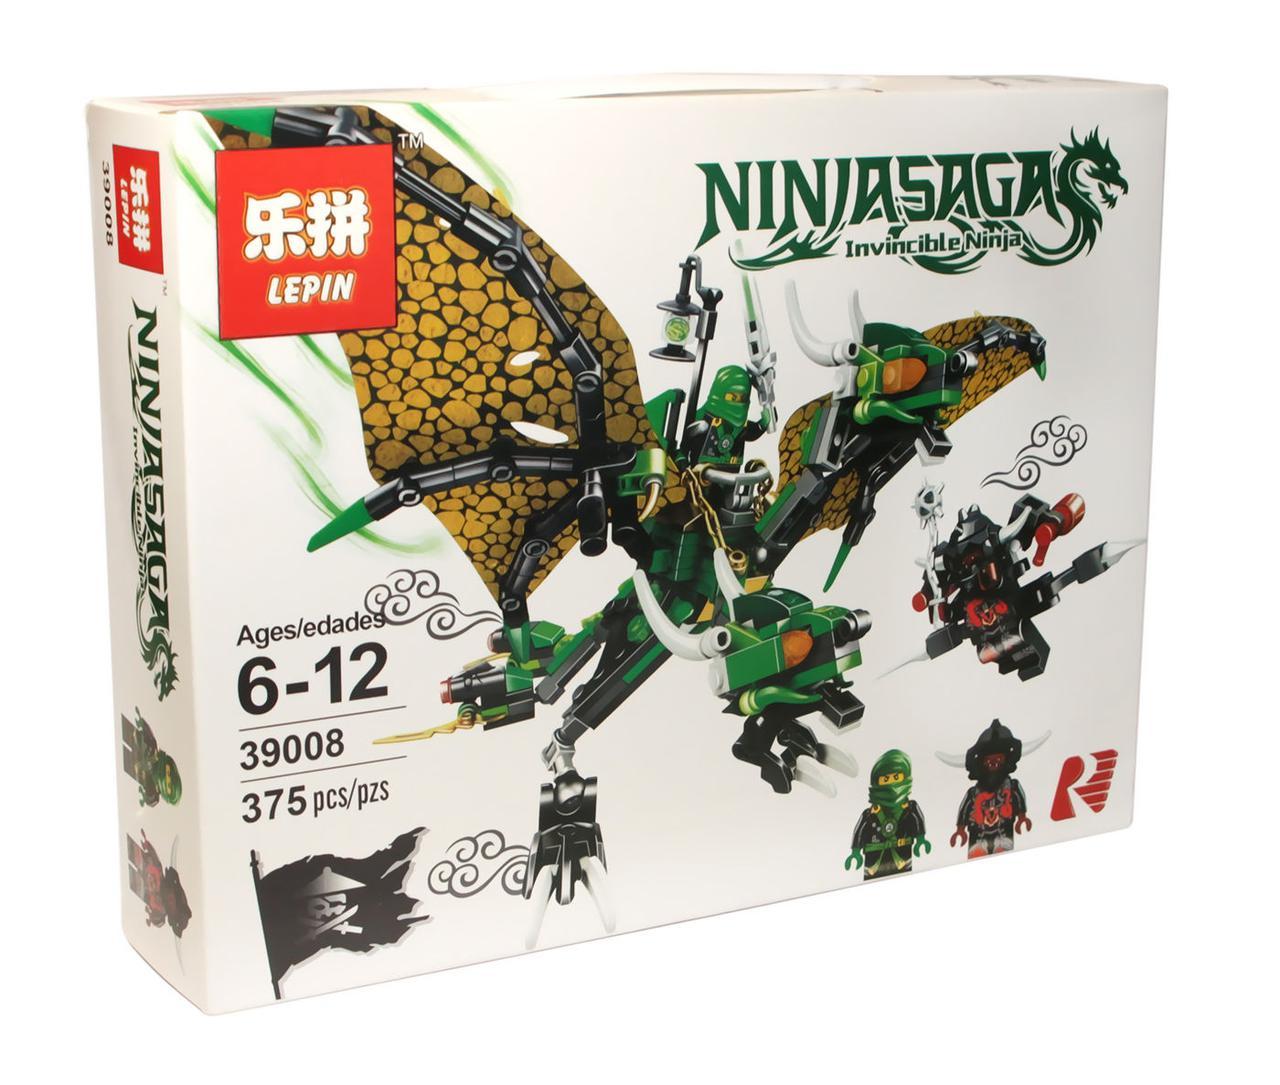 Конструктор аналог лего Lepin Ниндзяго (Зелёный дракон Ллойда), 375 де